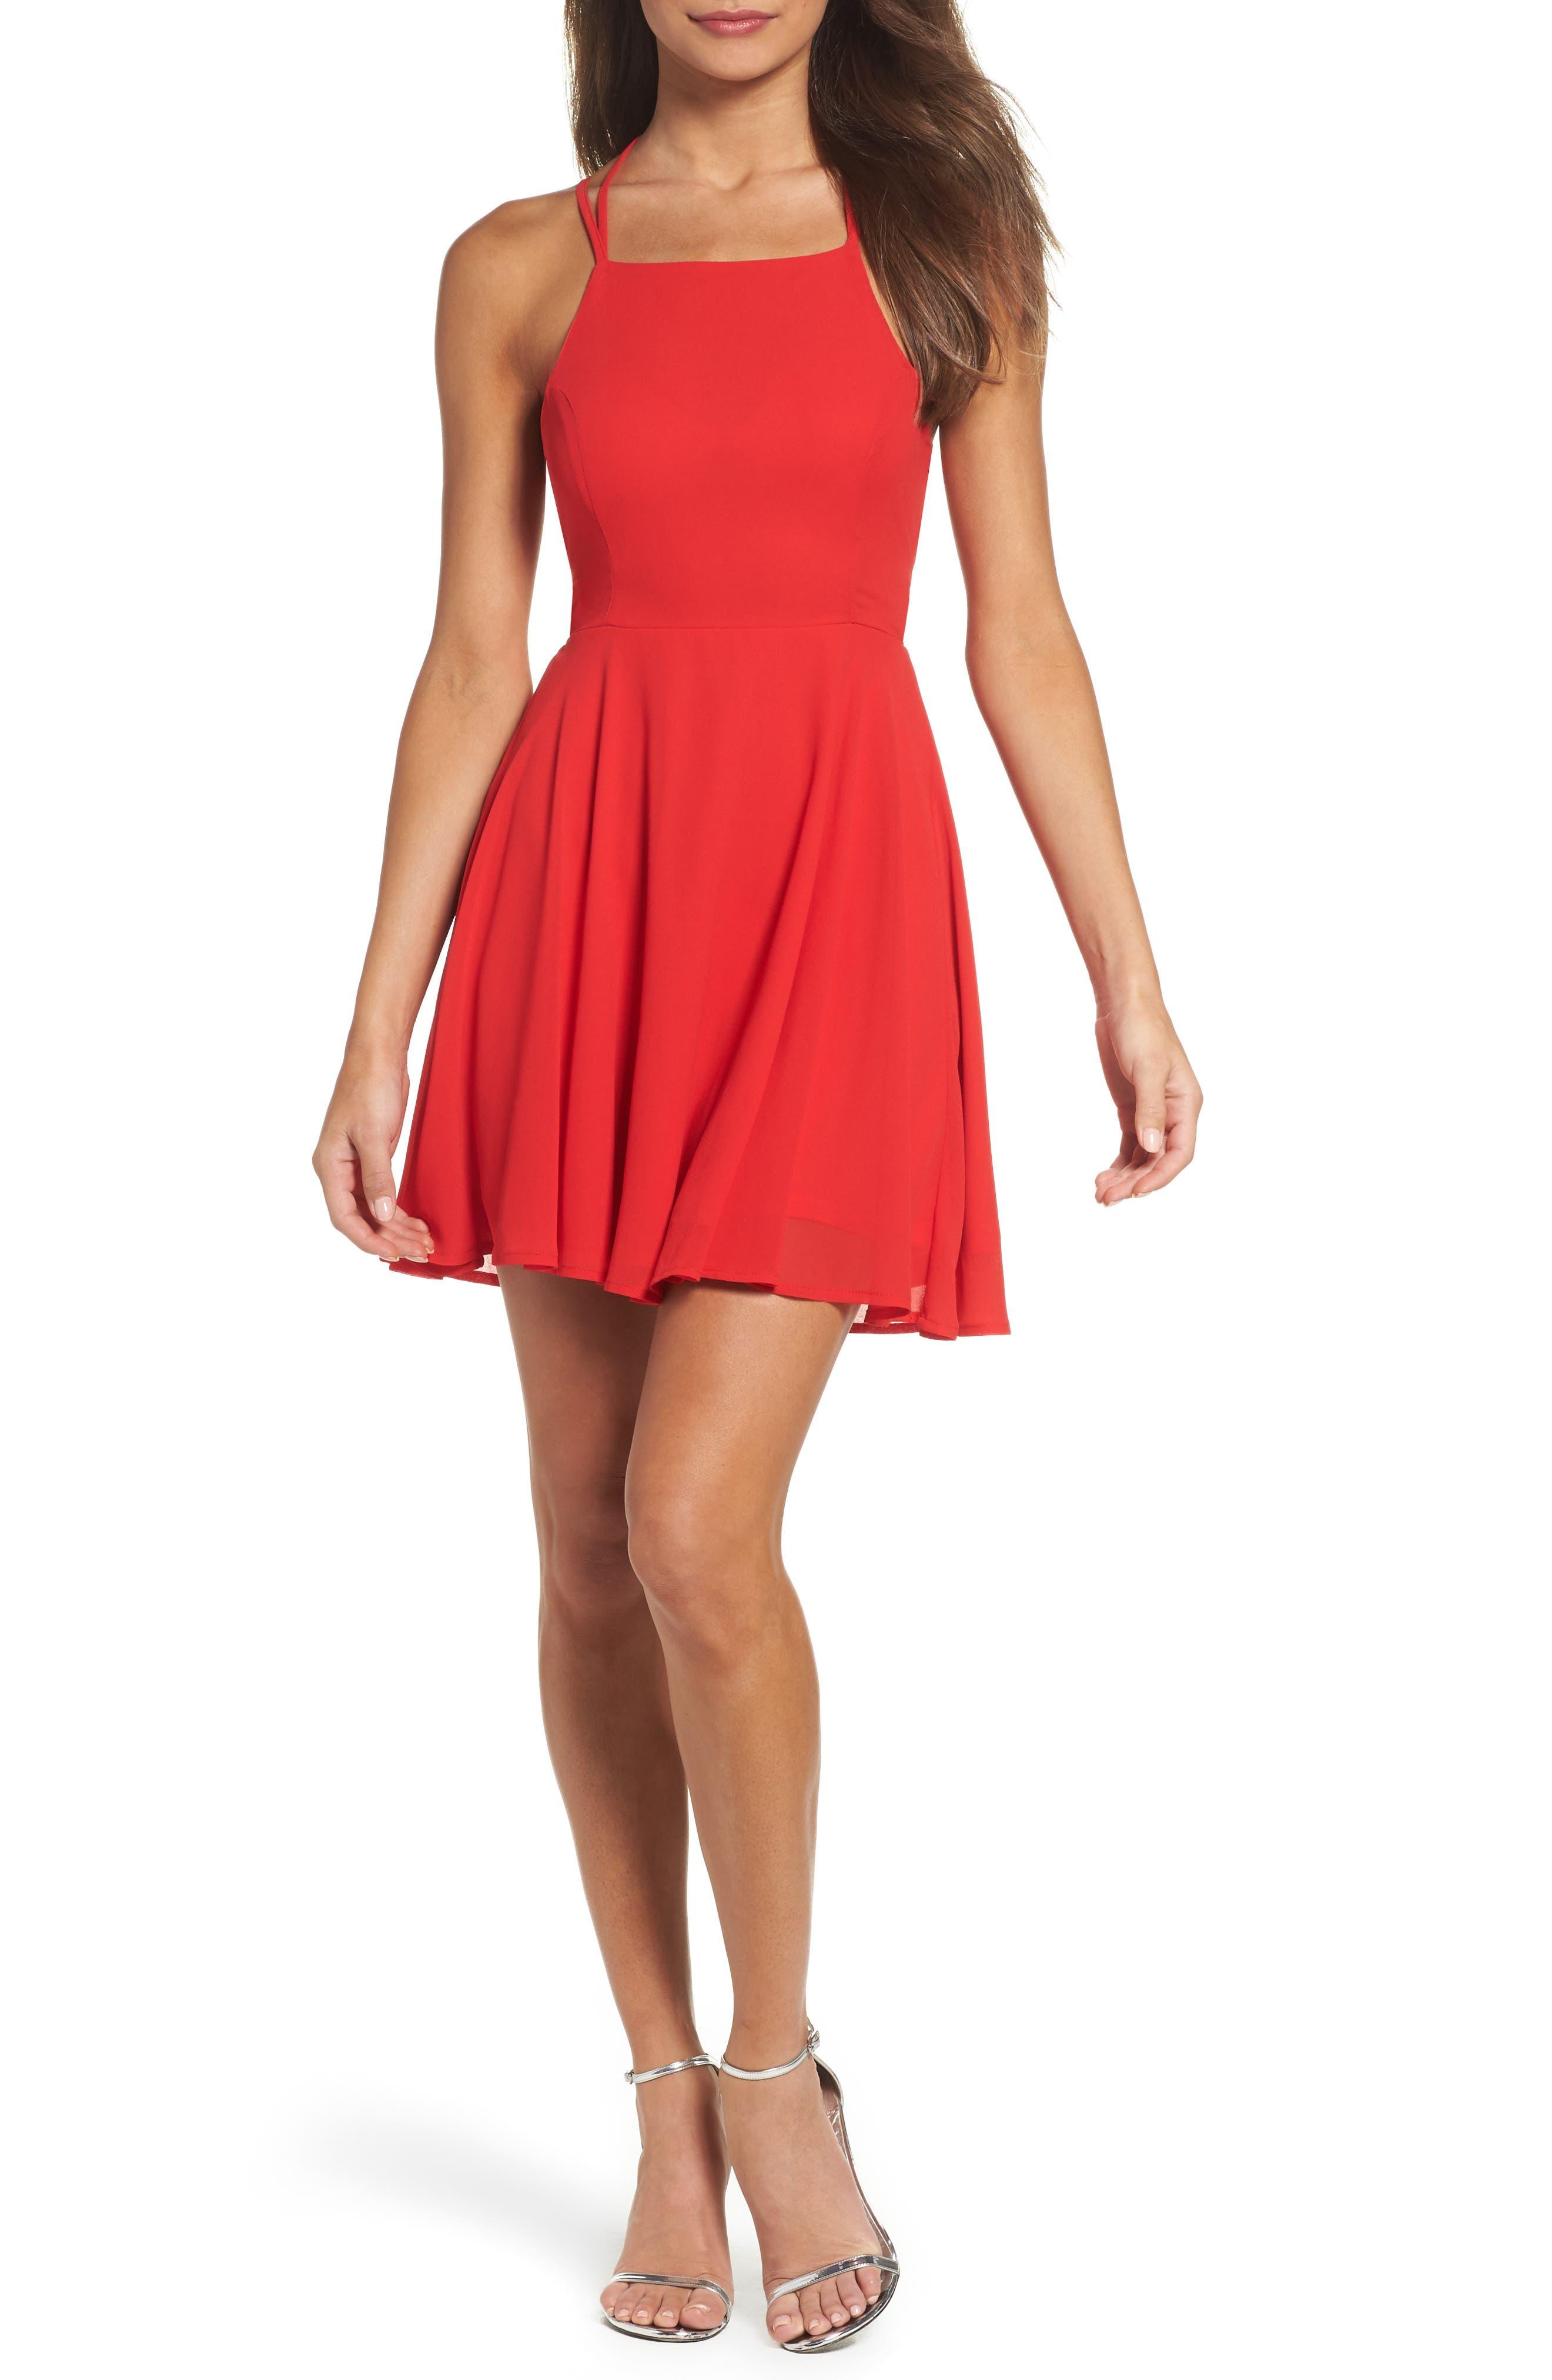 970b9fe993 Lulus Women s Dresses   Gowns